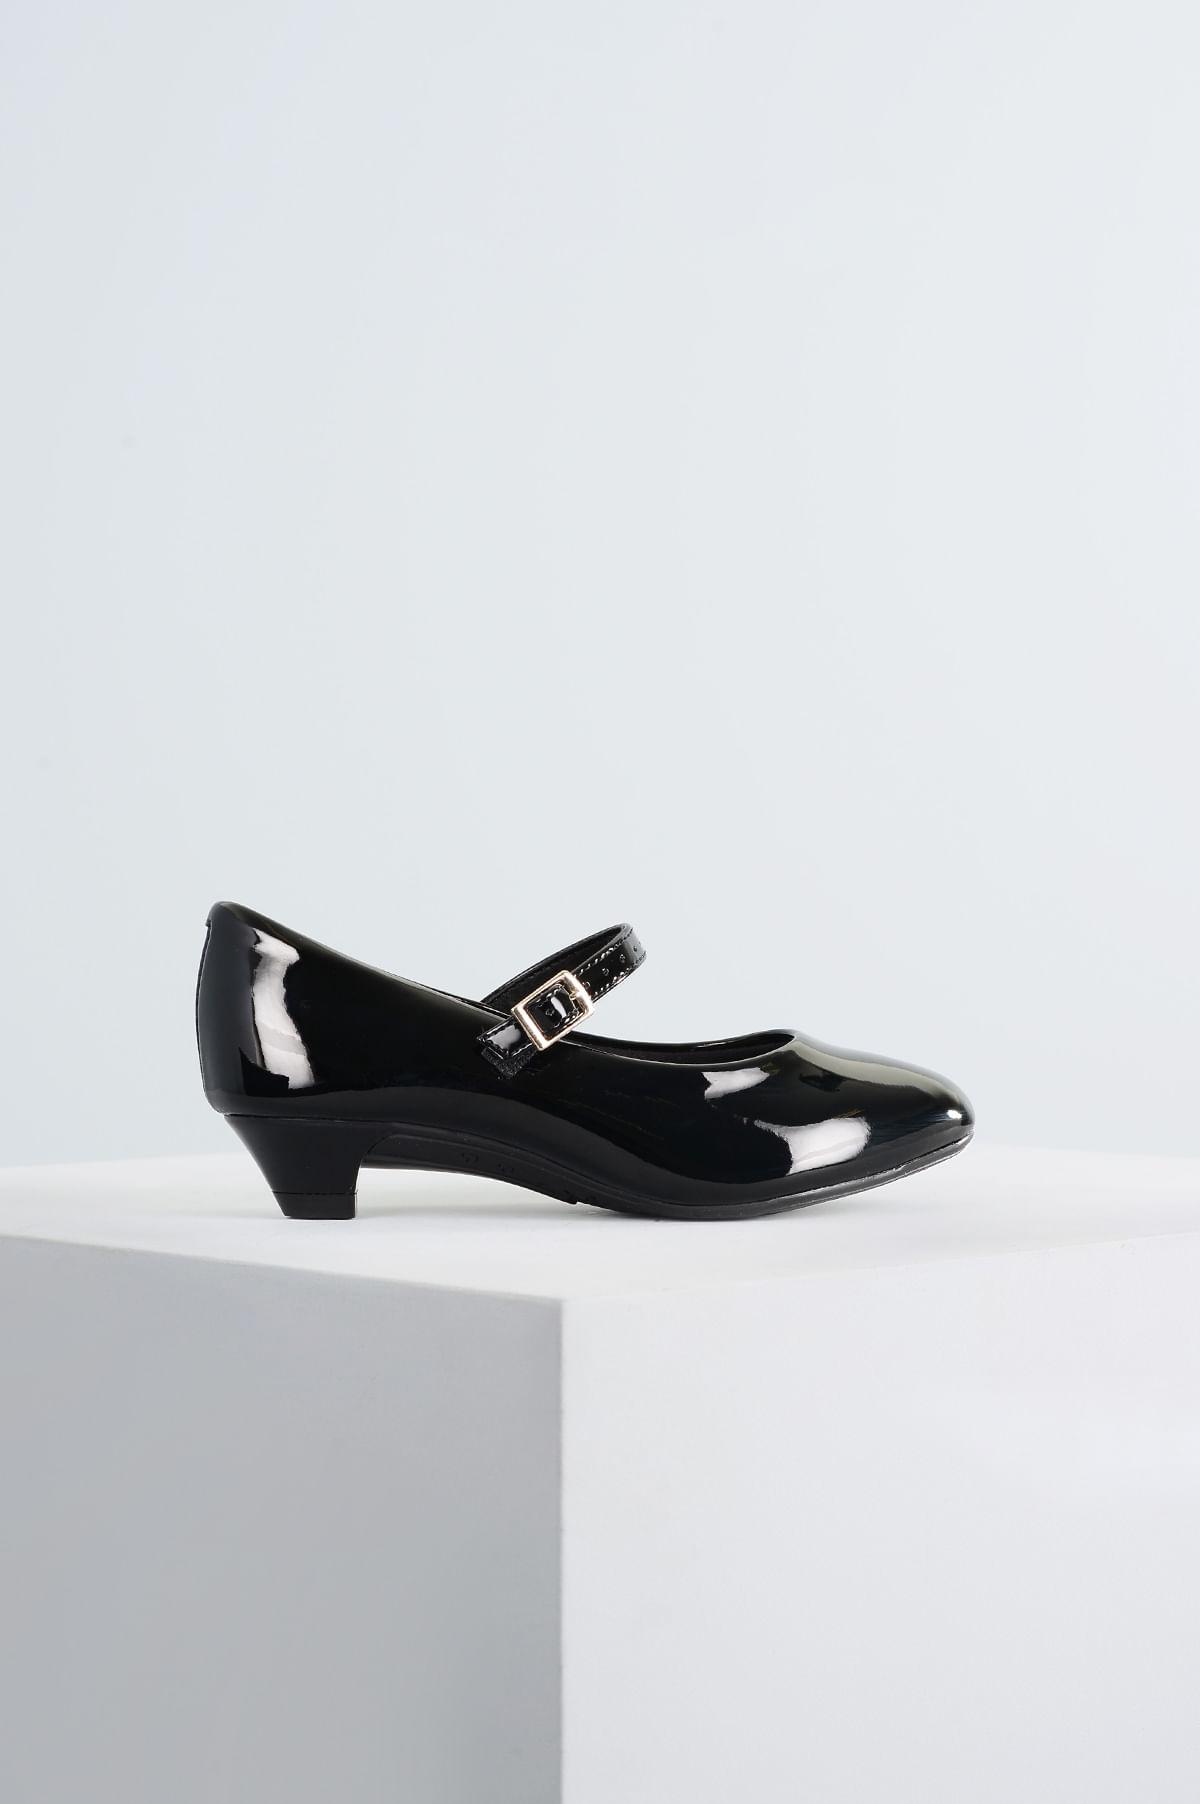 858135ee8 Sapato Infantil Molekinha Poly VERNIZ PRETO - Mundial Calçados